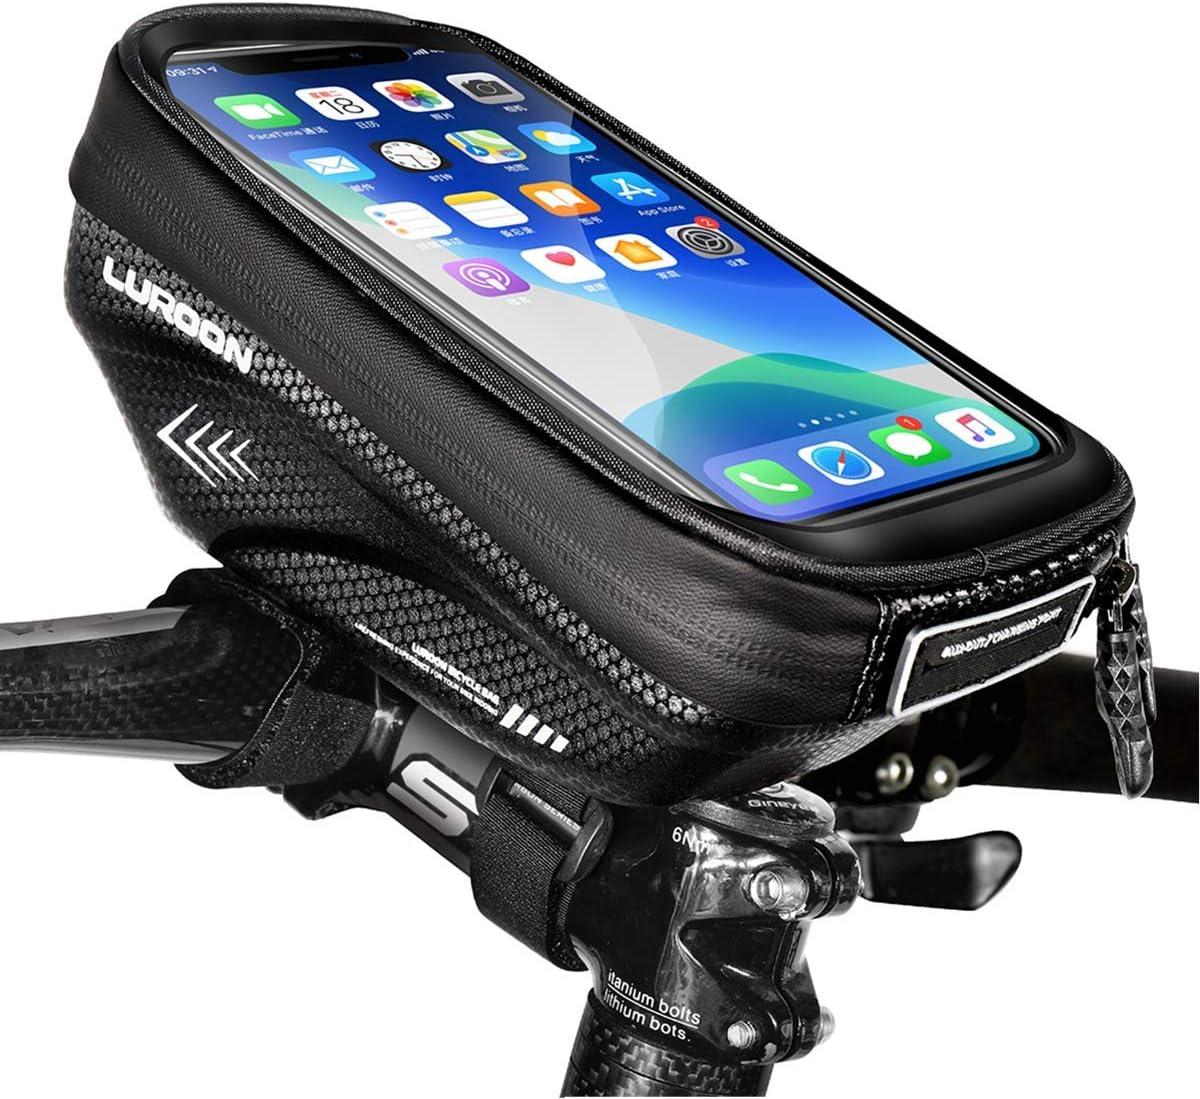 LUROON Bolsa Bicicleta Manillar, Bolso de Bici Impermeable con Ventana para Pantalla Táctil para Telefono Móvil, Bolsa para Cuadro Bicicleta para Teléfono Movil Dentro de 6,5 Pulgadas